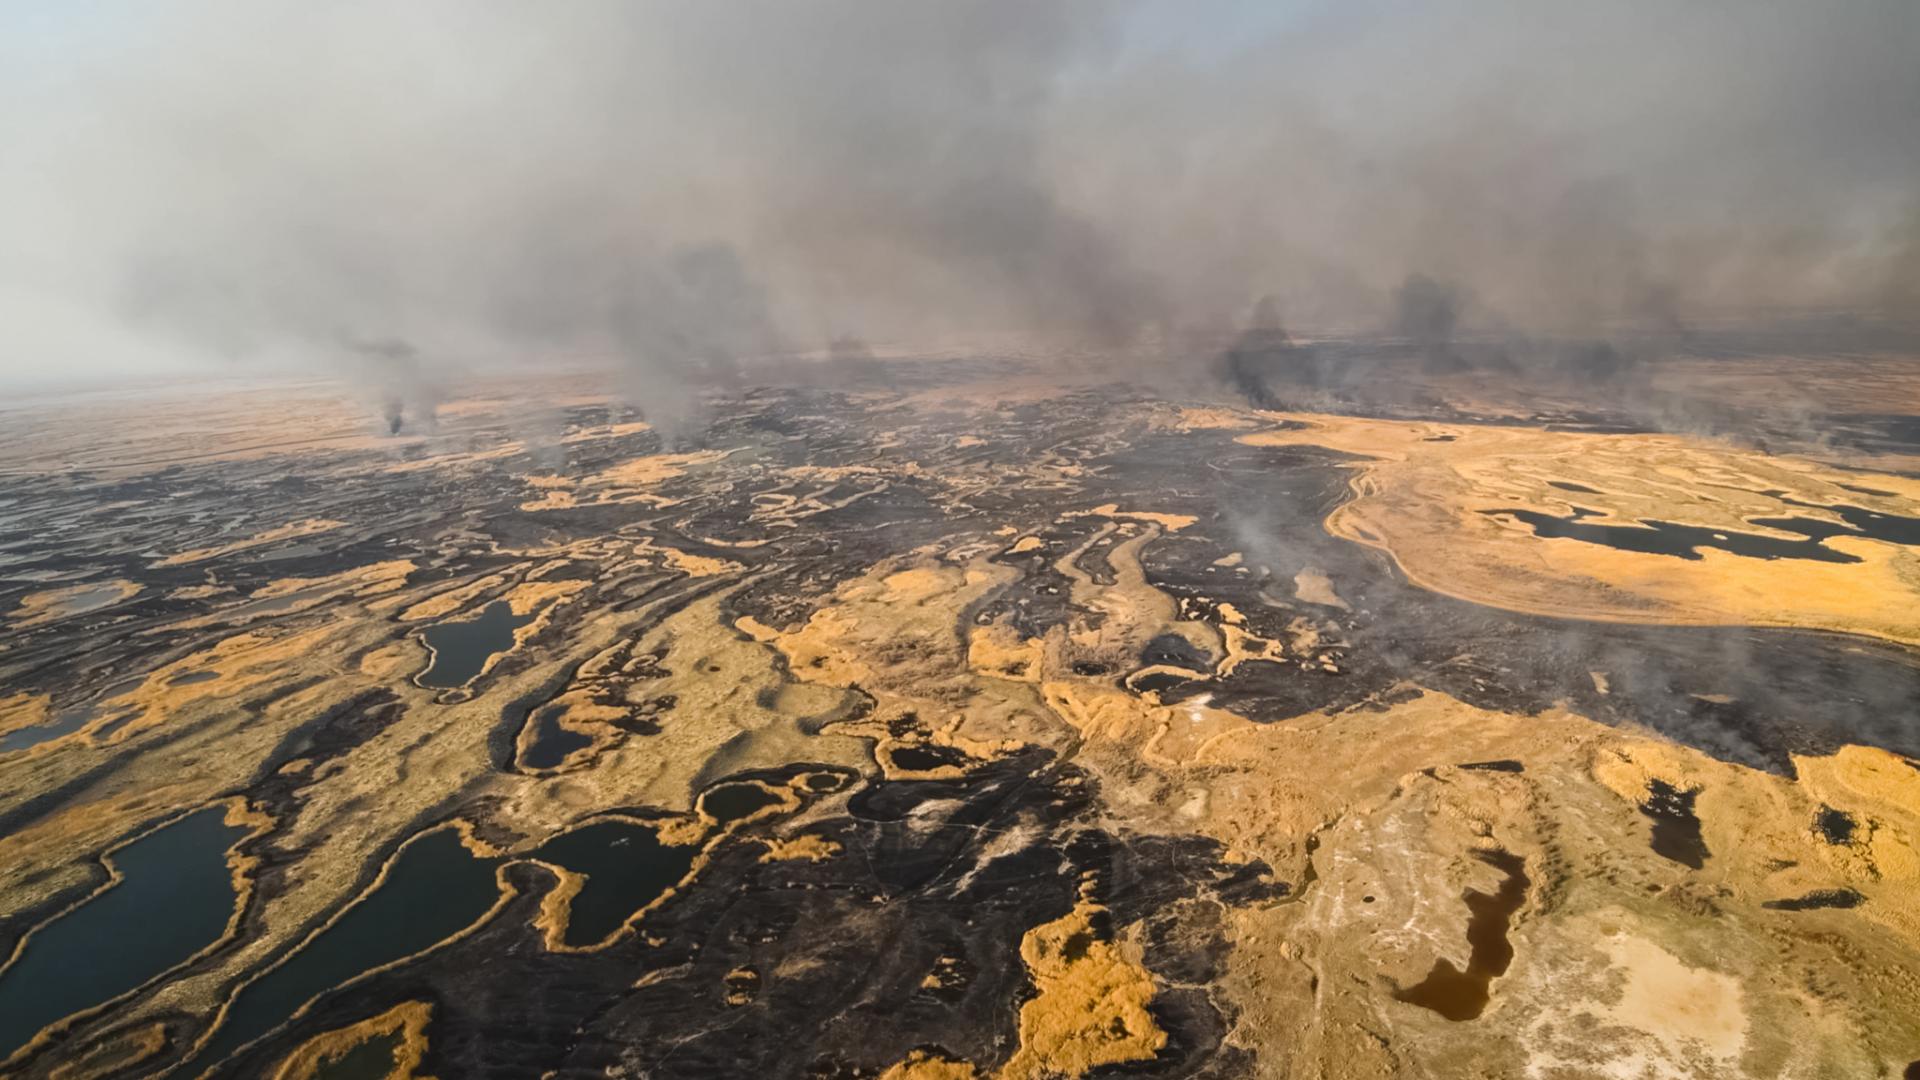 Впервые в истории зафиксирован лесной пожар за северным полярным кругом!